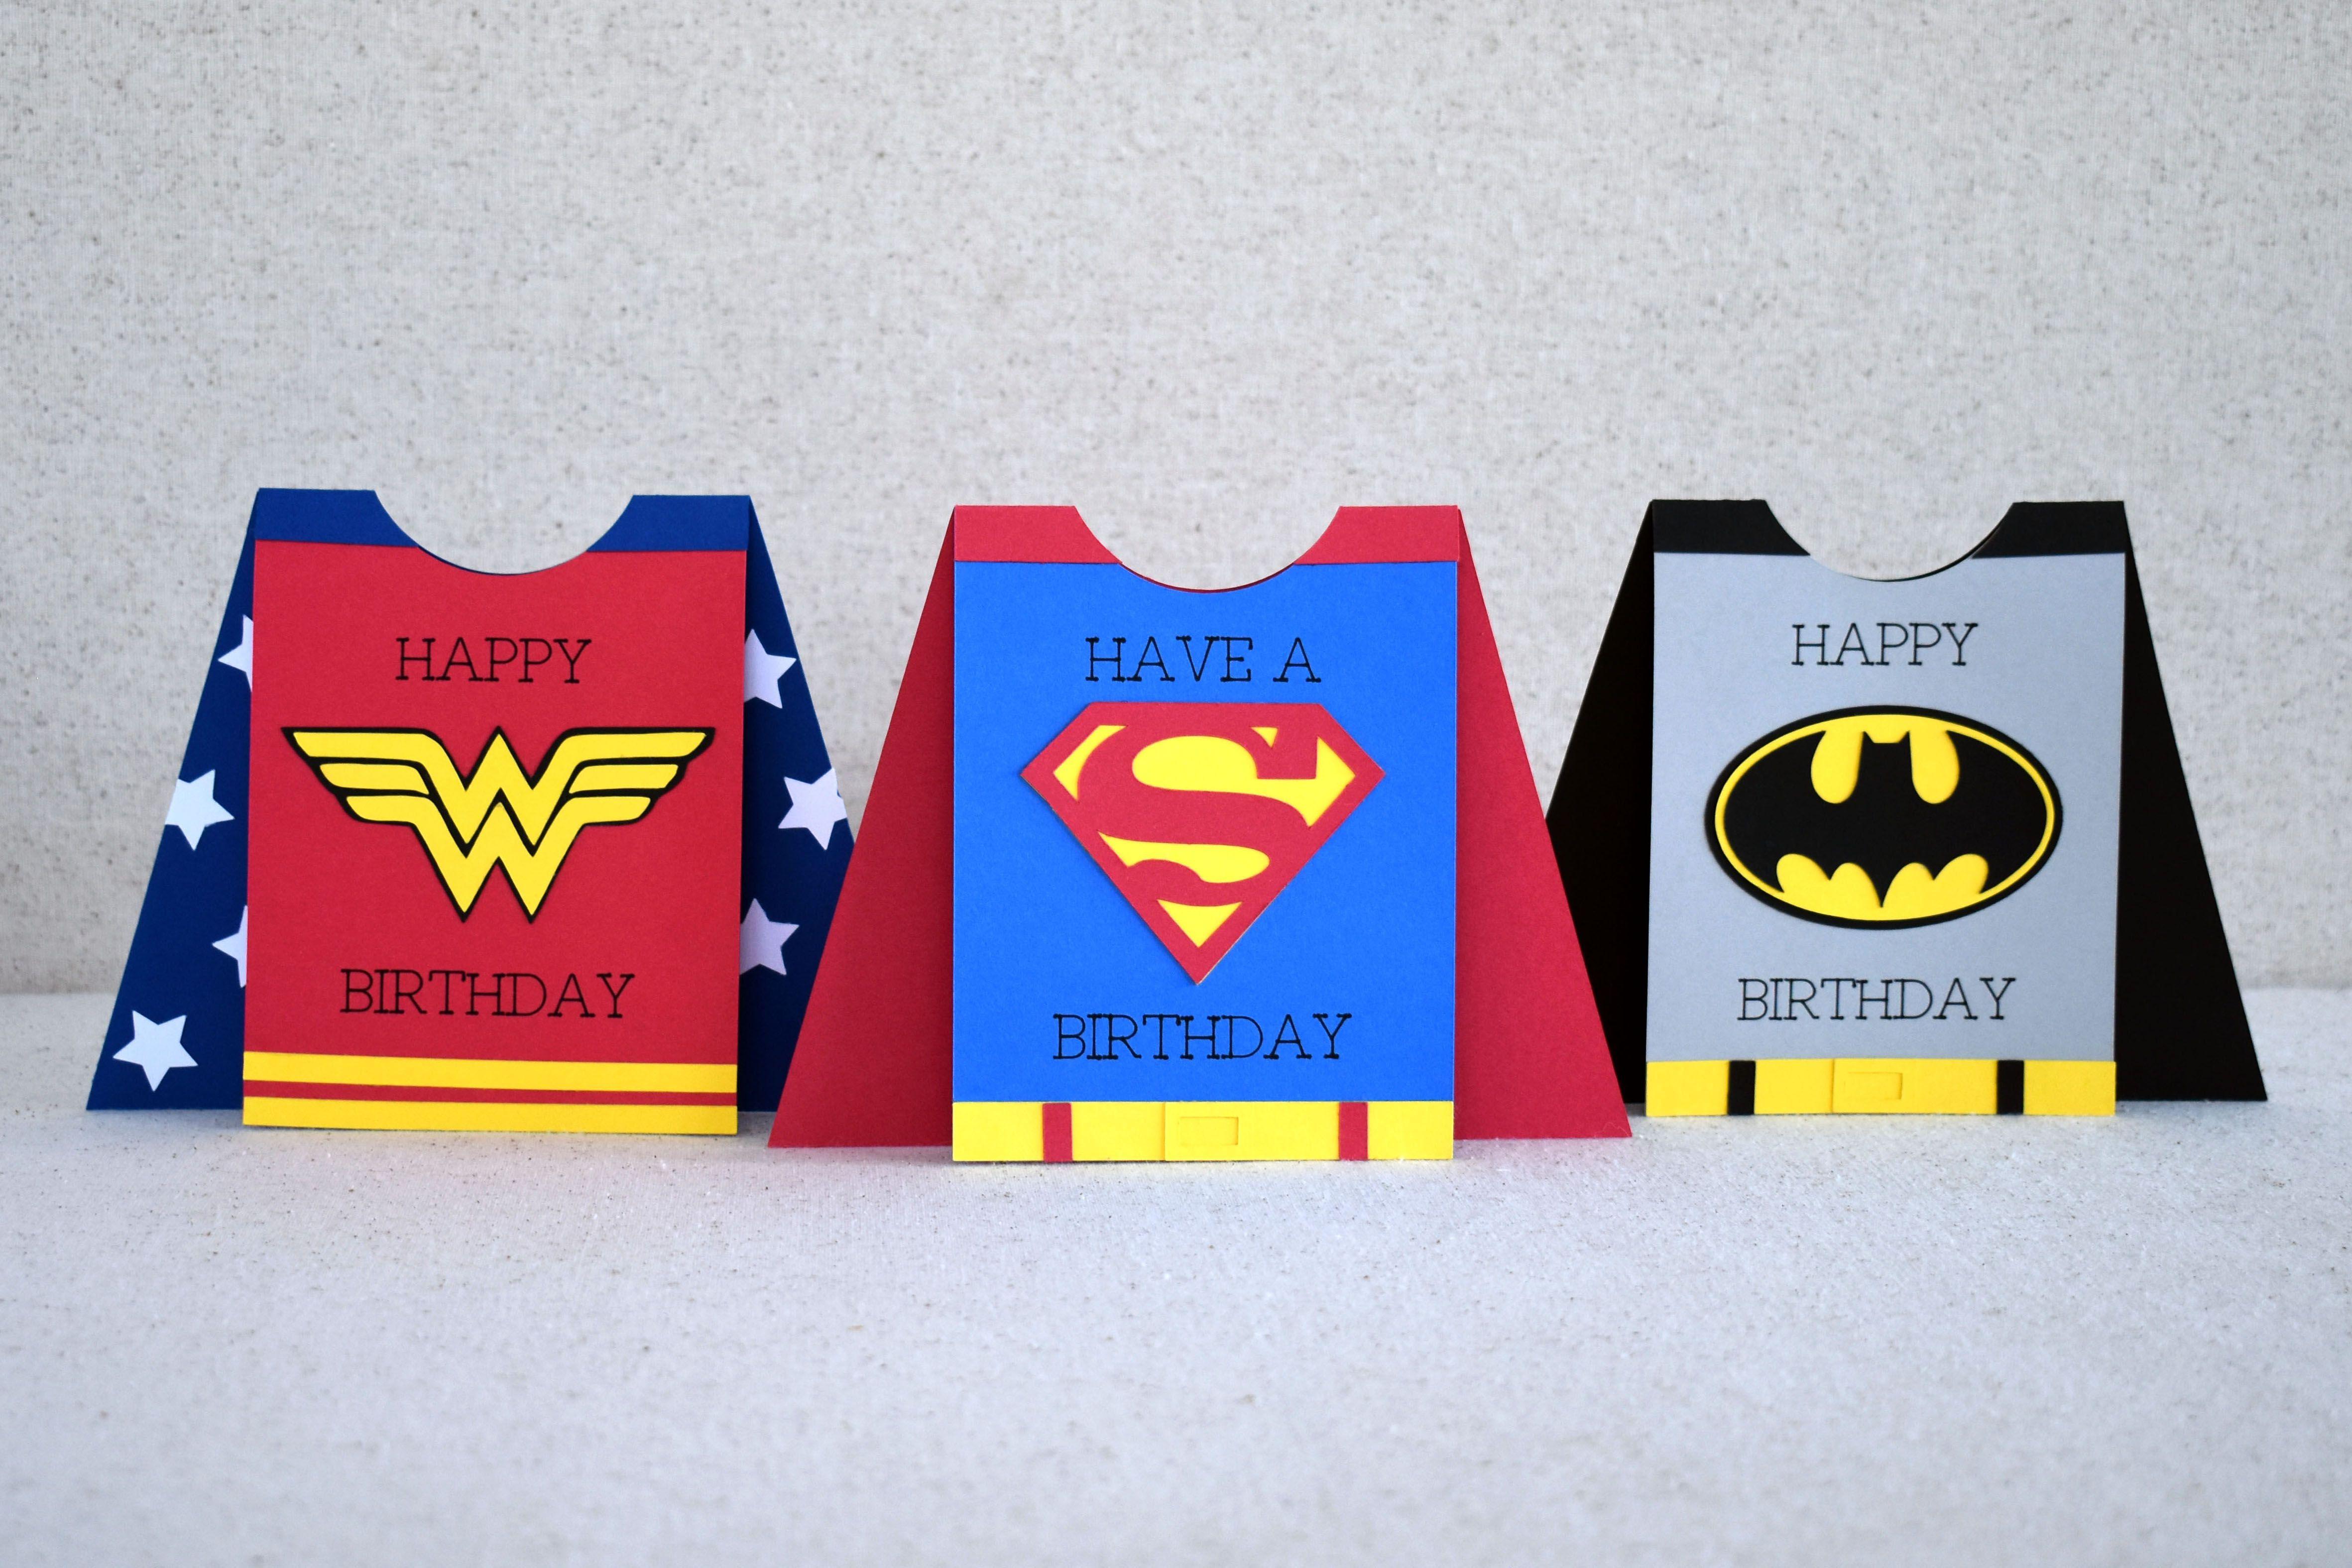 Superhero Card With Cricut Cricut Birthday Cards Creative Birthday Cards Happy Birthday Dad Cards